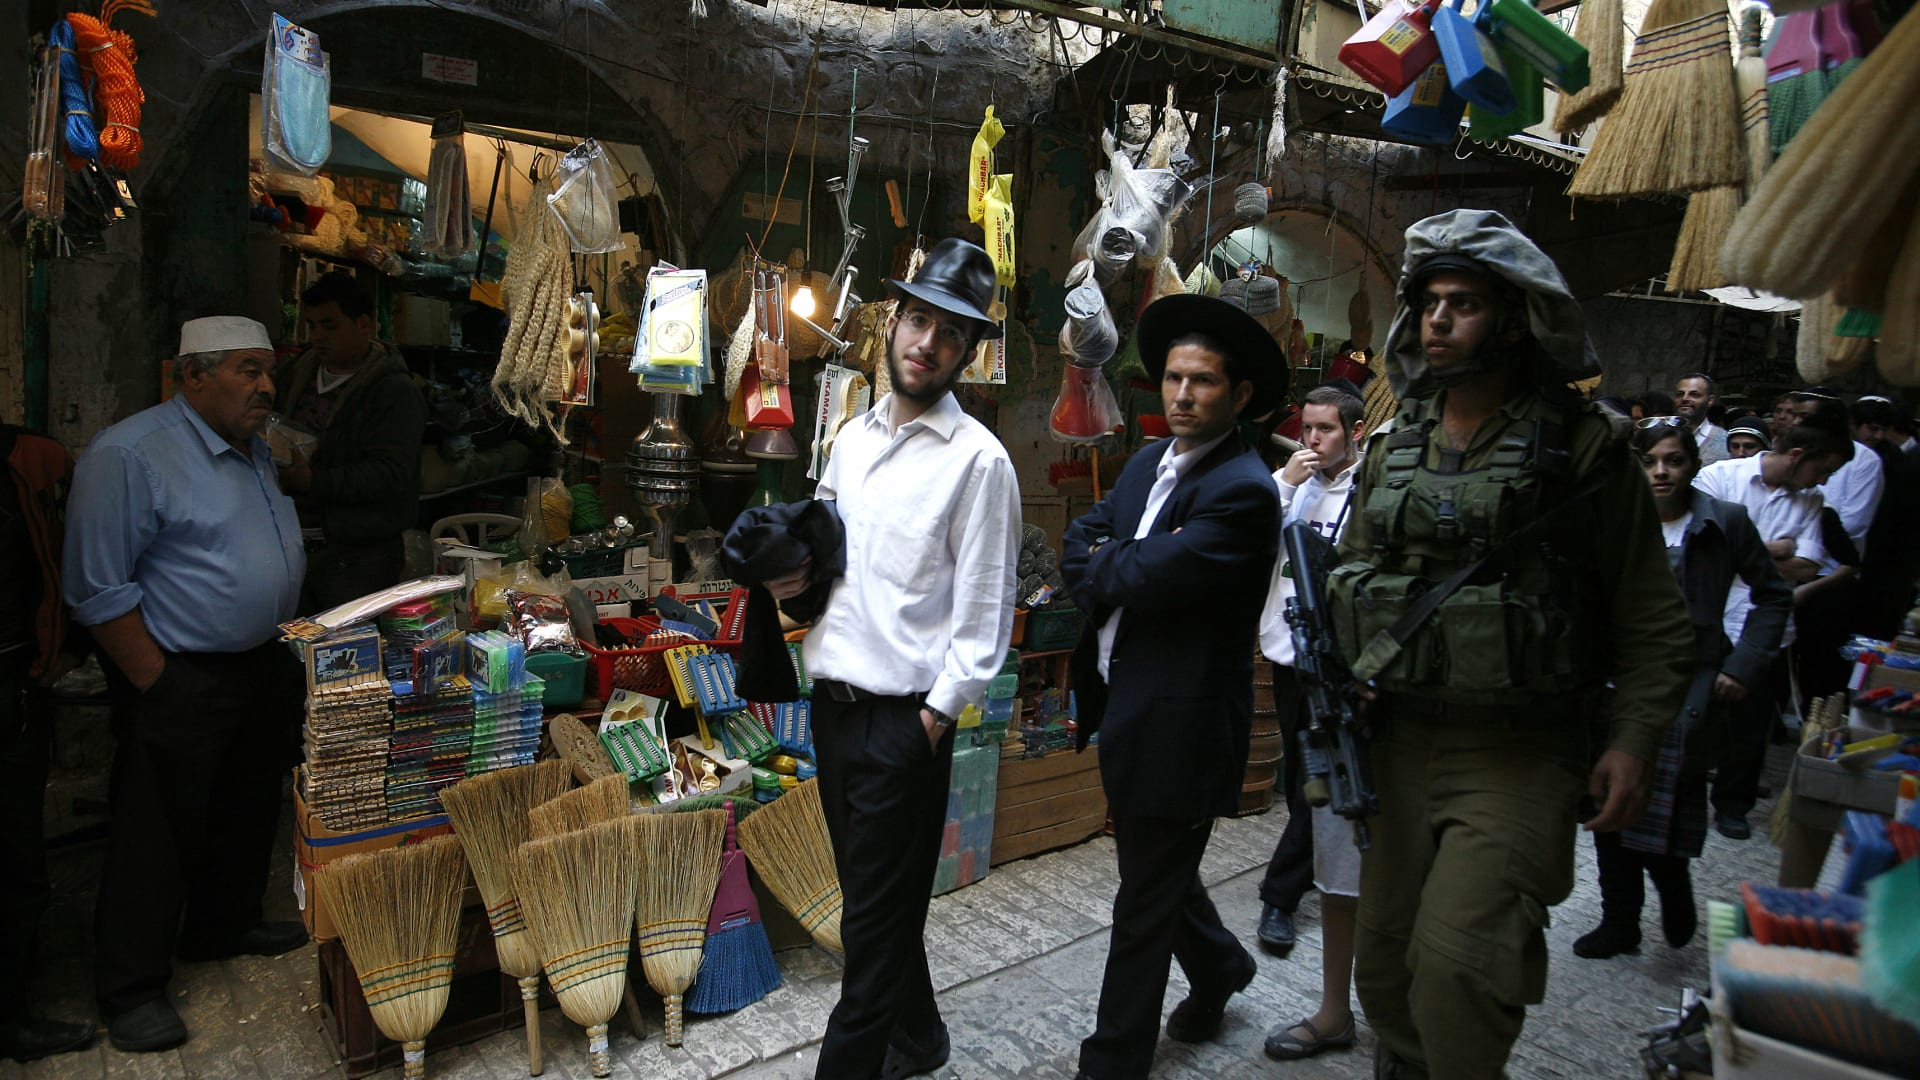 إسرائيل تقرر زيادة مستوطناتها في مدينة الخليل للمرة الأولى منذ 20 عاماً